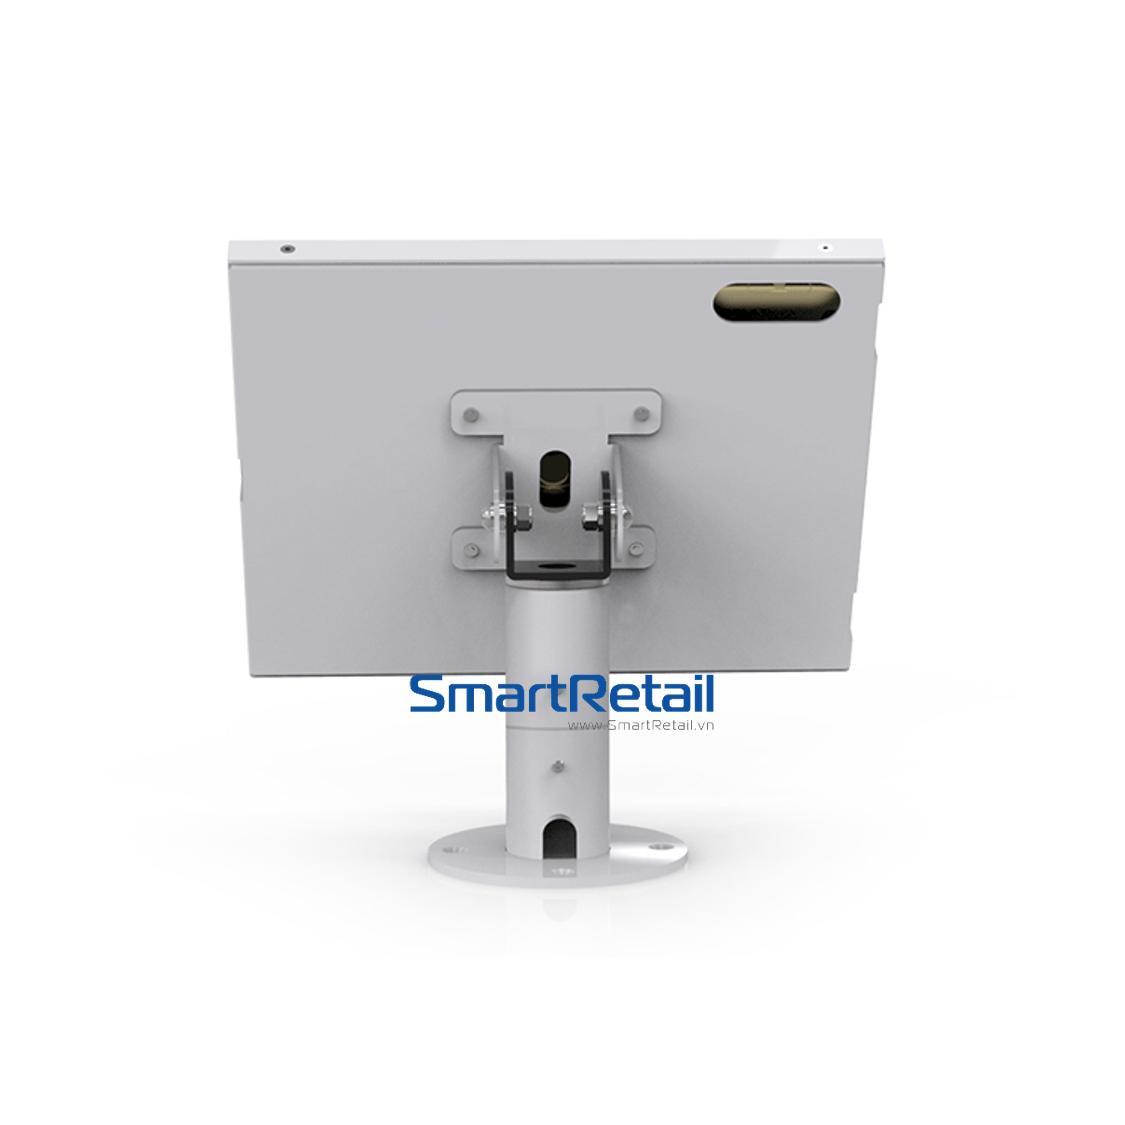 SmartRetail Thiet bi bao ve Tablet SC201 2